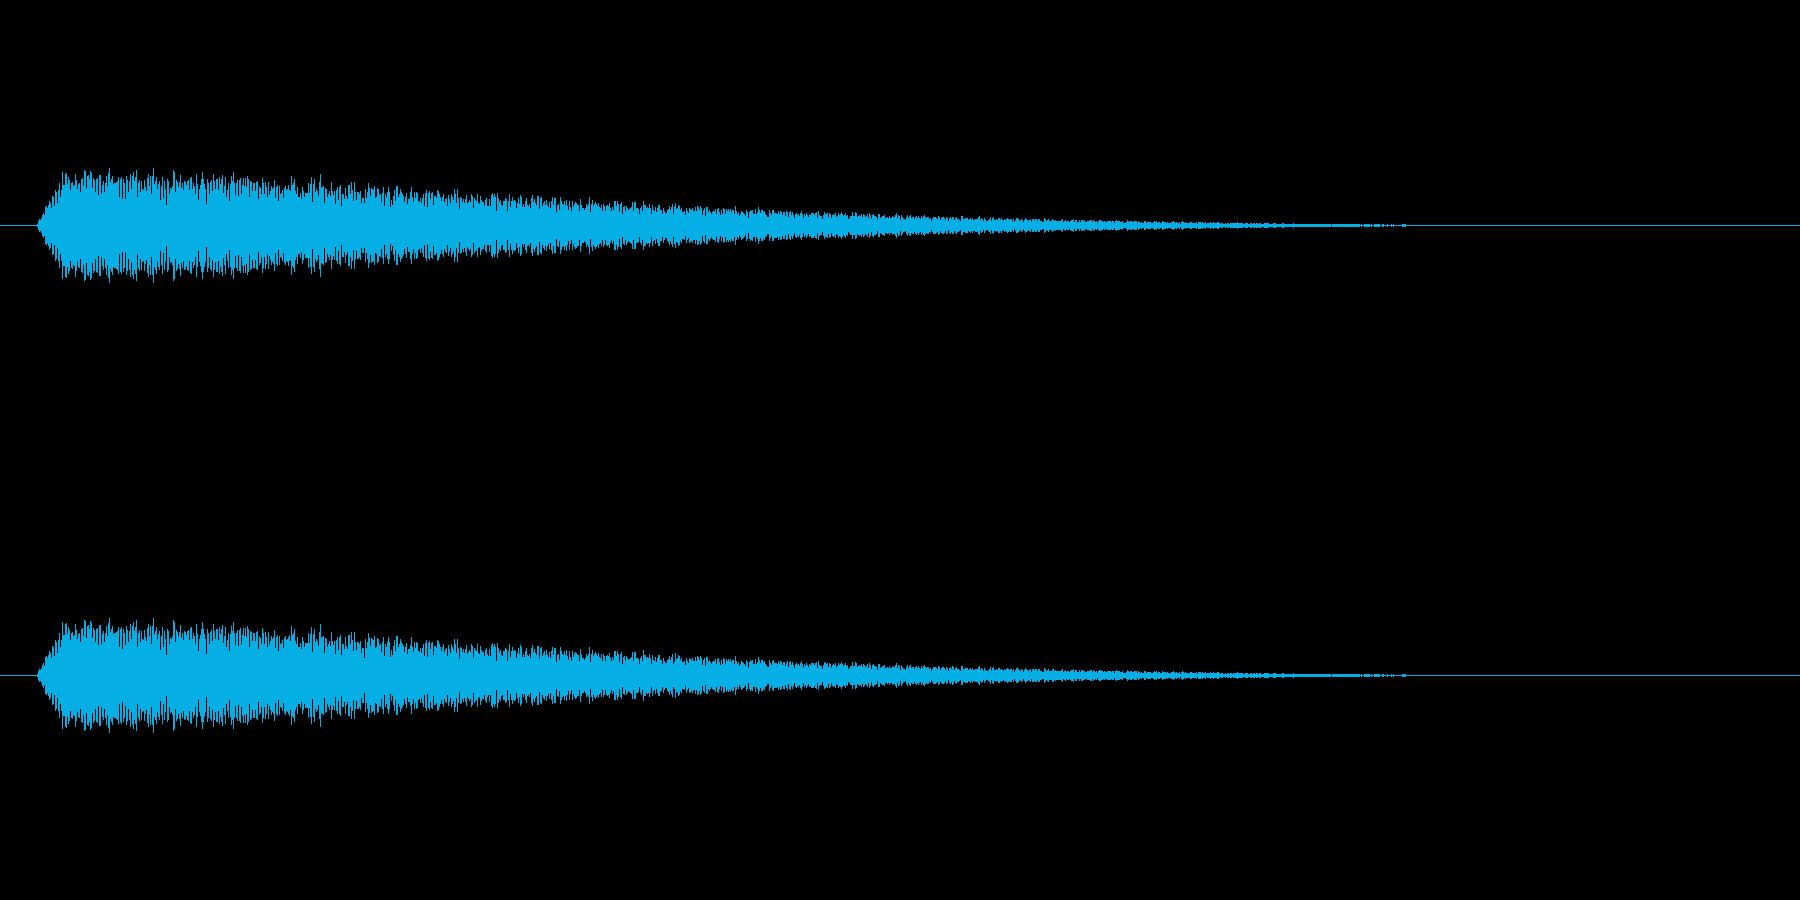 【光る03-1】の再生済みの波形